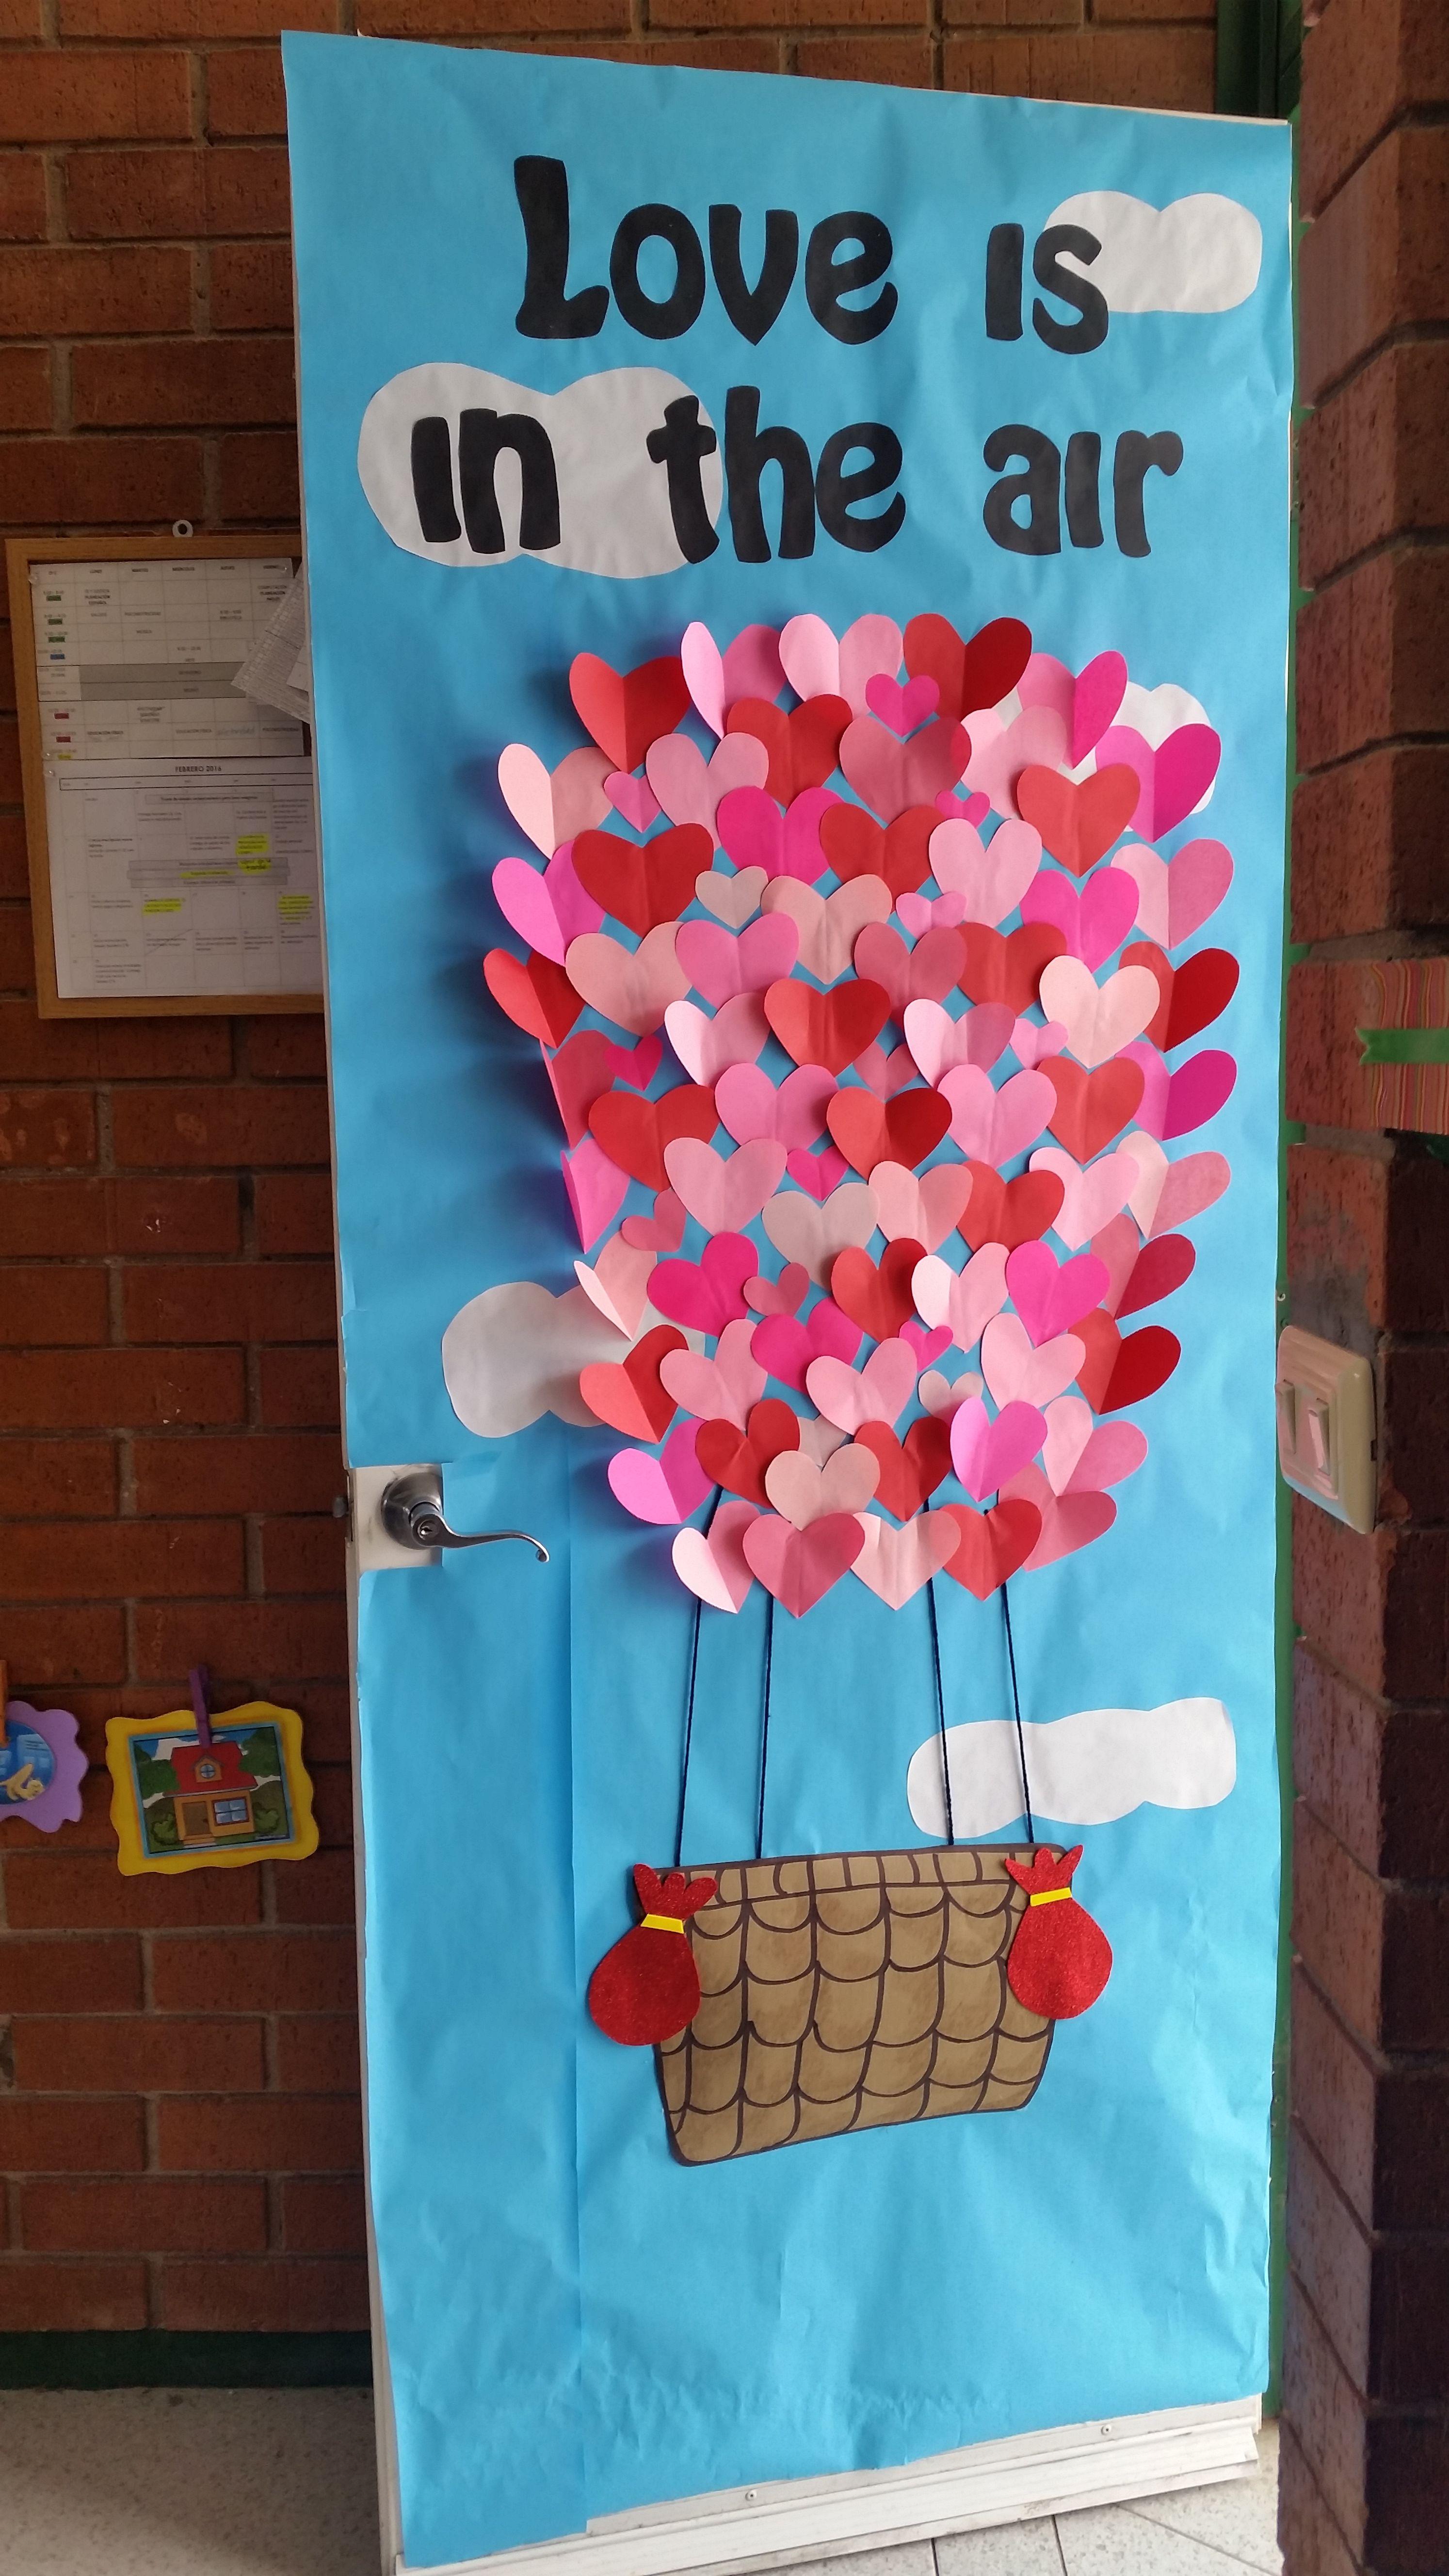 Del Dia Para De La Febrero Amor Caja El Arreglos De De Febrero Y 14 14 Amistad En Madera